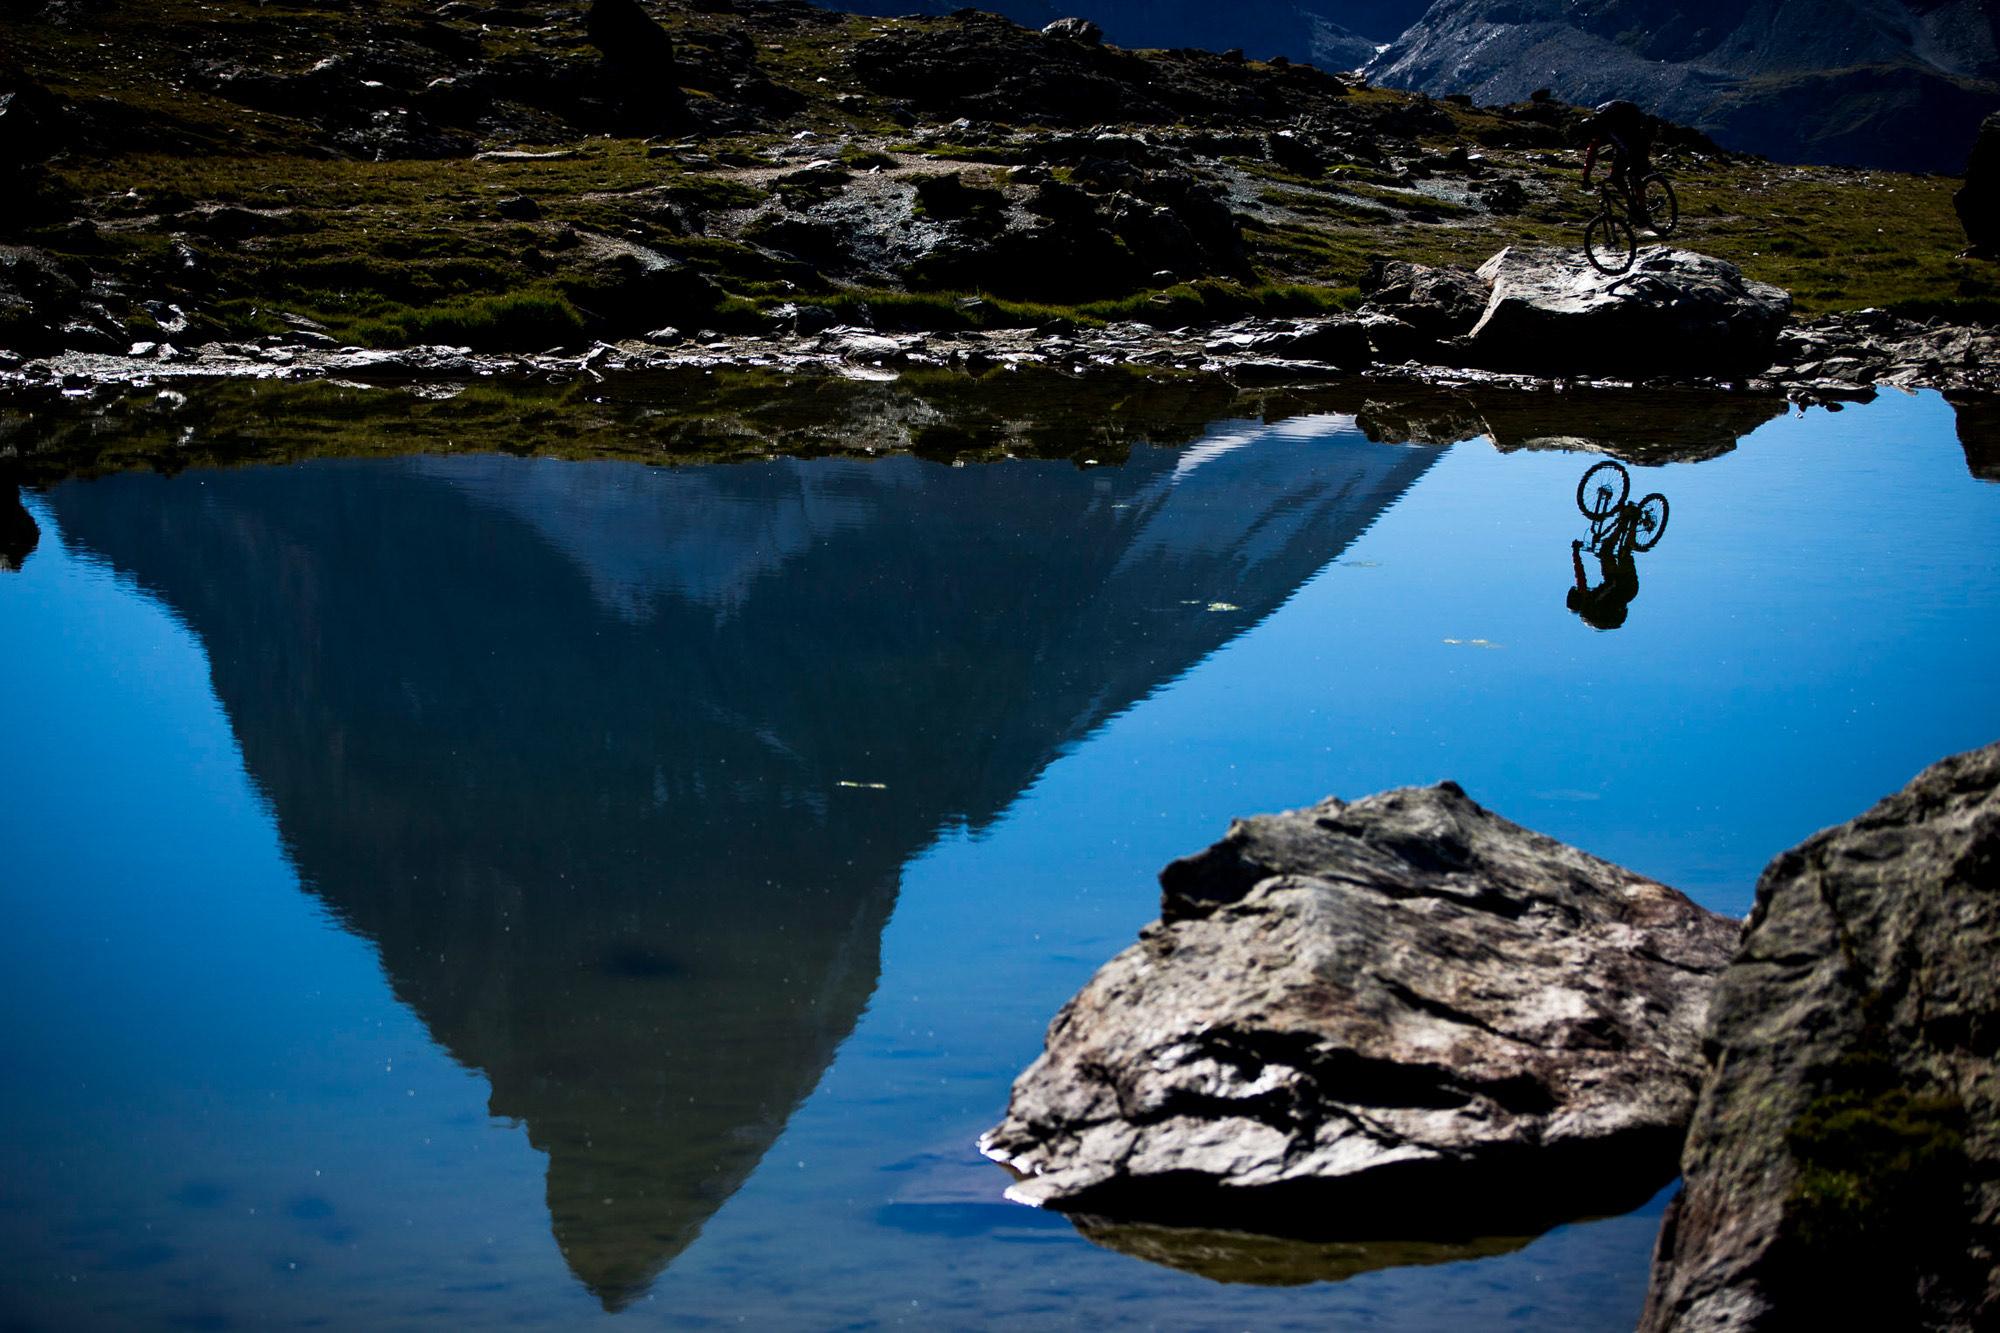 Dominik springt auf dem Vorderrad auf einem Felsen und dahinter ist das Matterhorn zu sehen